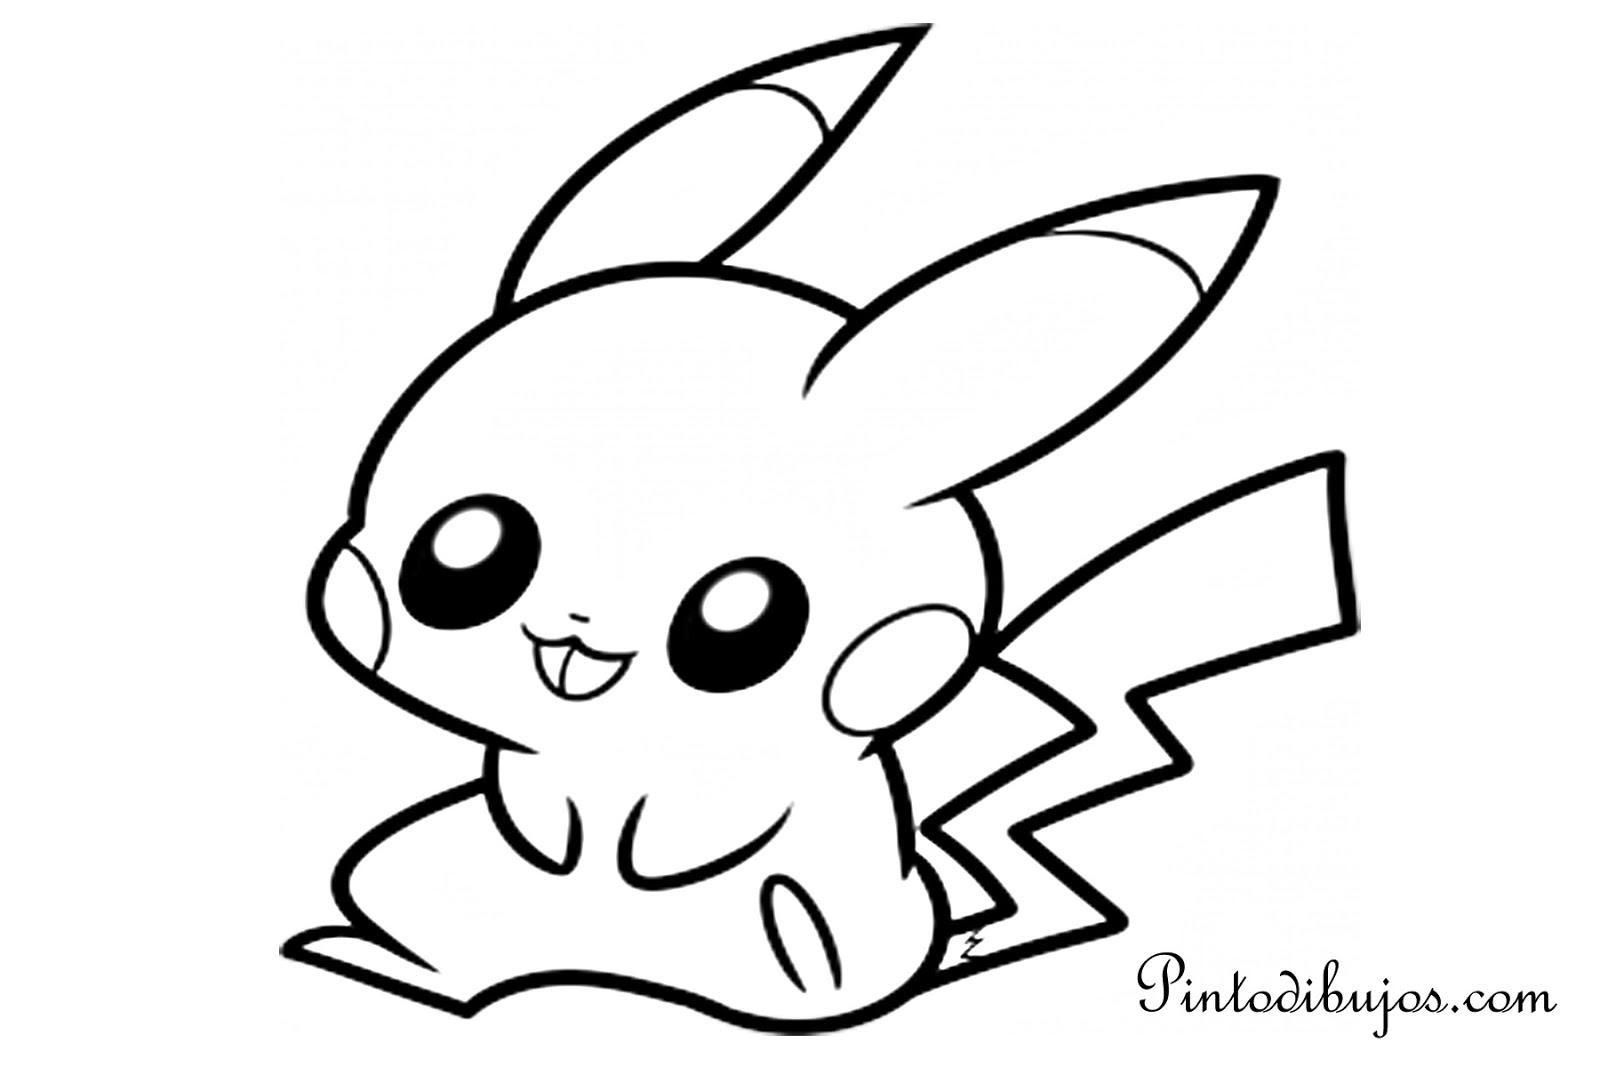 Imagenes Para Colorear De Pikachu